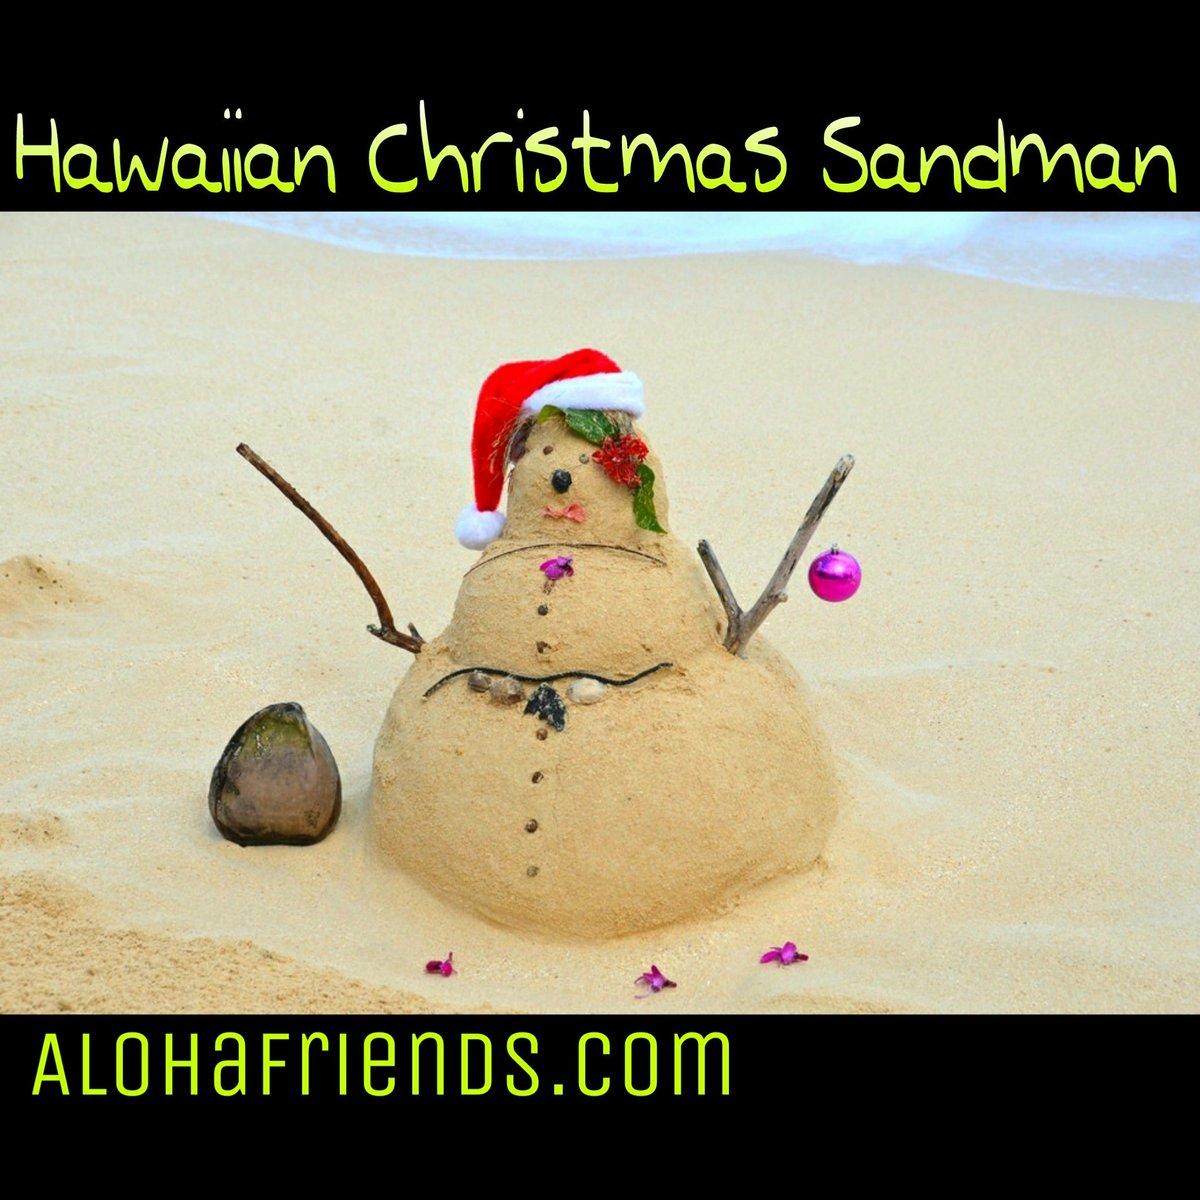 mele kalikimaka is the hawaiian way to say merry christmas ocean beach beachlife islandlife merrychristmas hawaii - How Do You Say Merry Christmas In Hawaiian